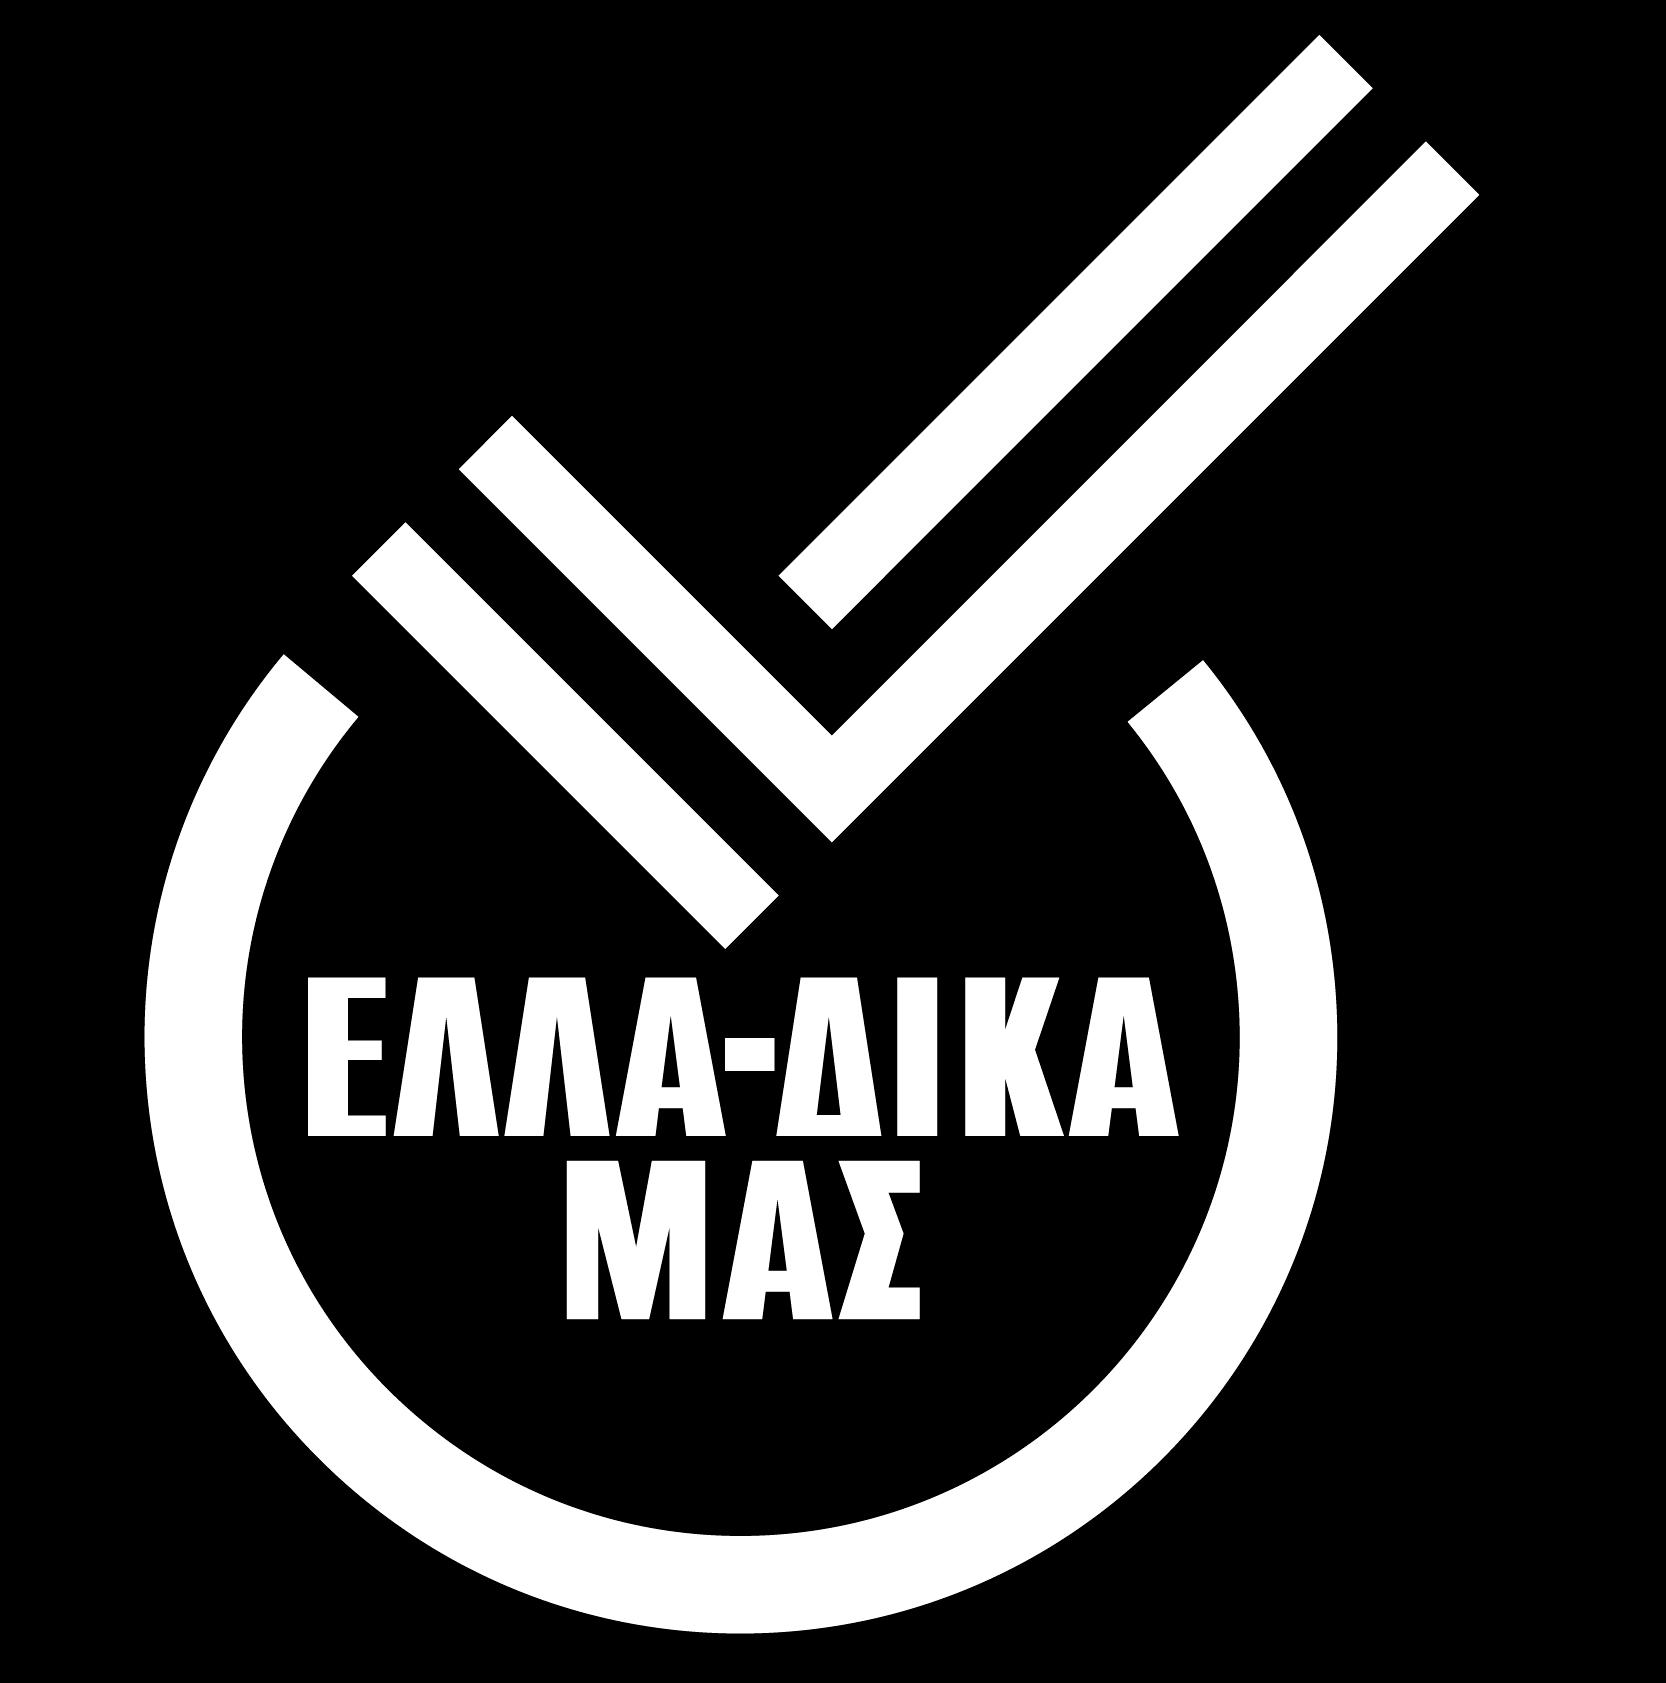 ΕΛΛΑΔΙΚΑ ΜΑΣ - Λογότυπο